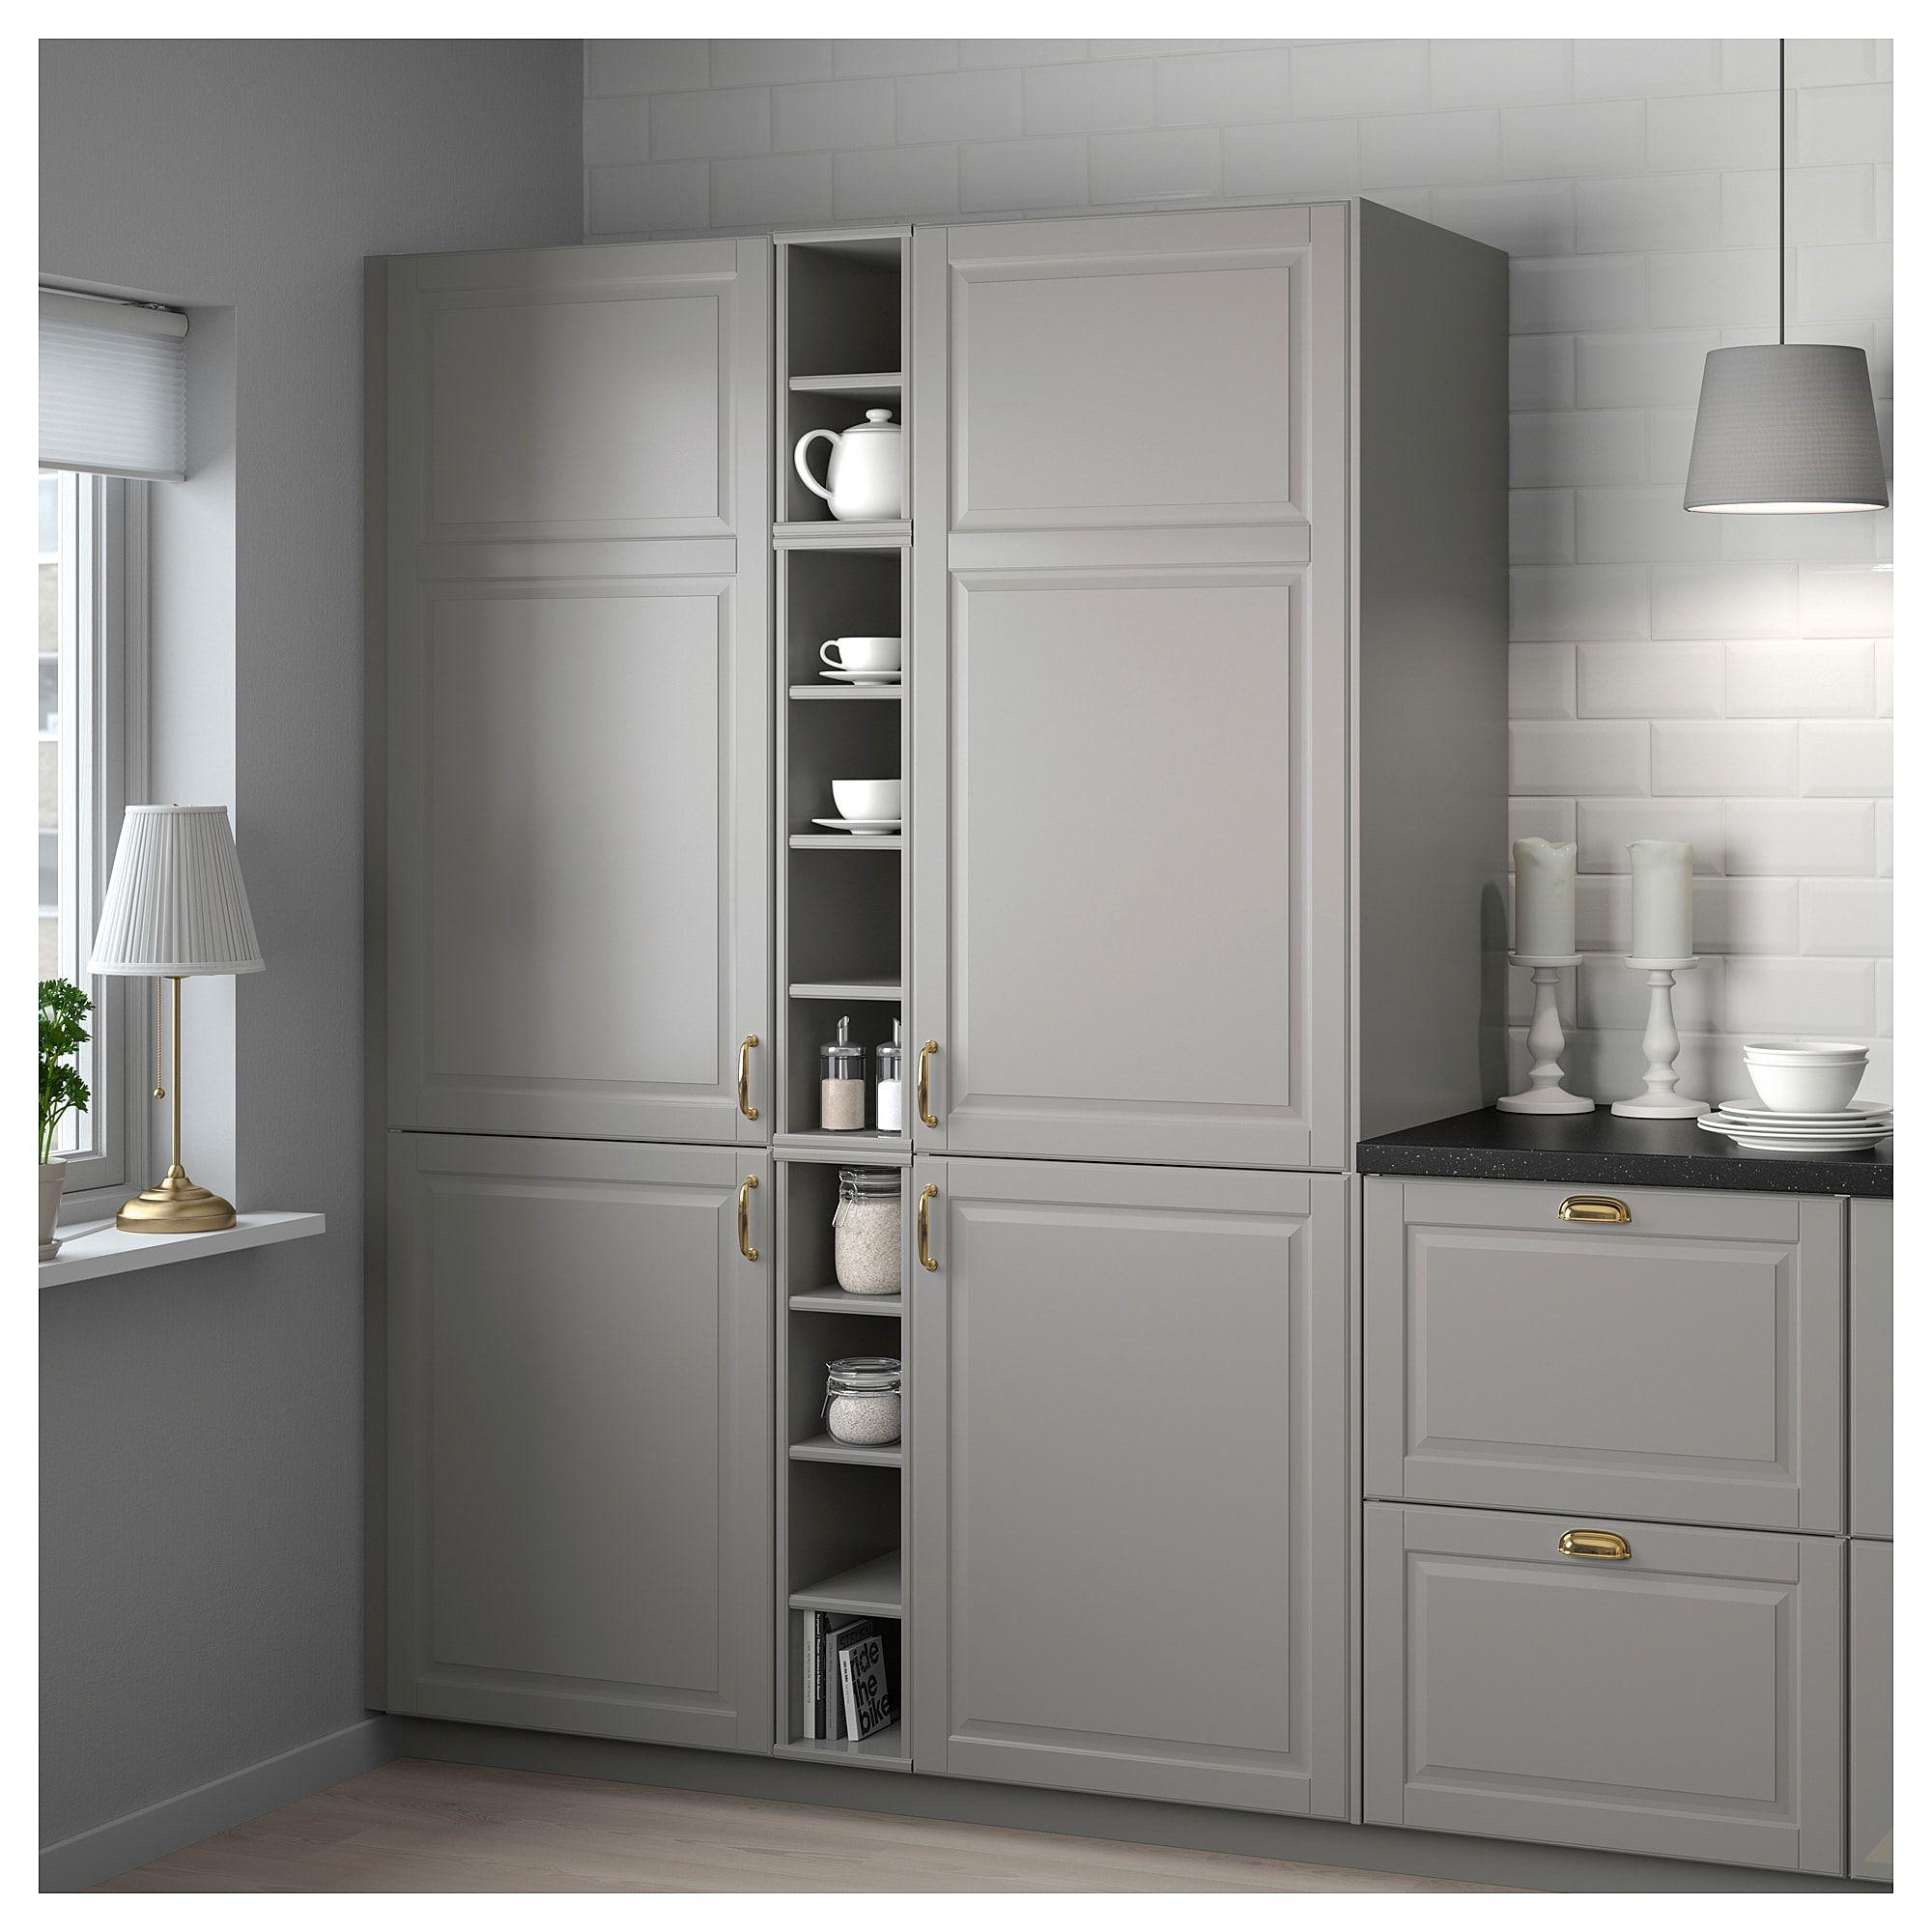 Tornviken Regal Grau Ikea Osterreich Open Cabinets Kitchen Pantry Cabinet Ikea Grey Kitchen Designs